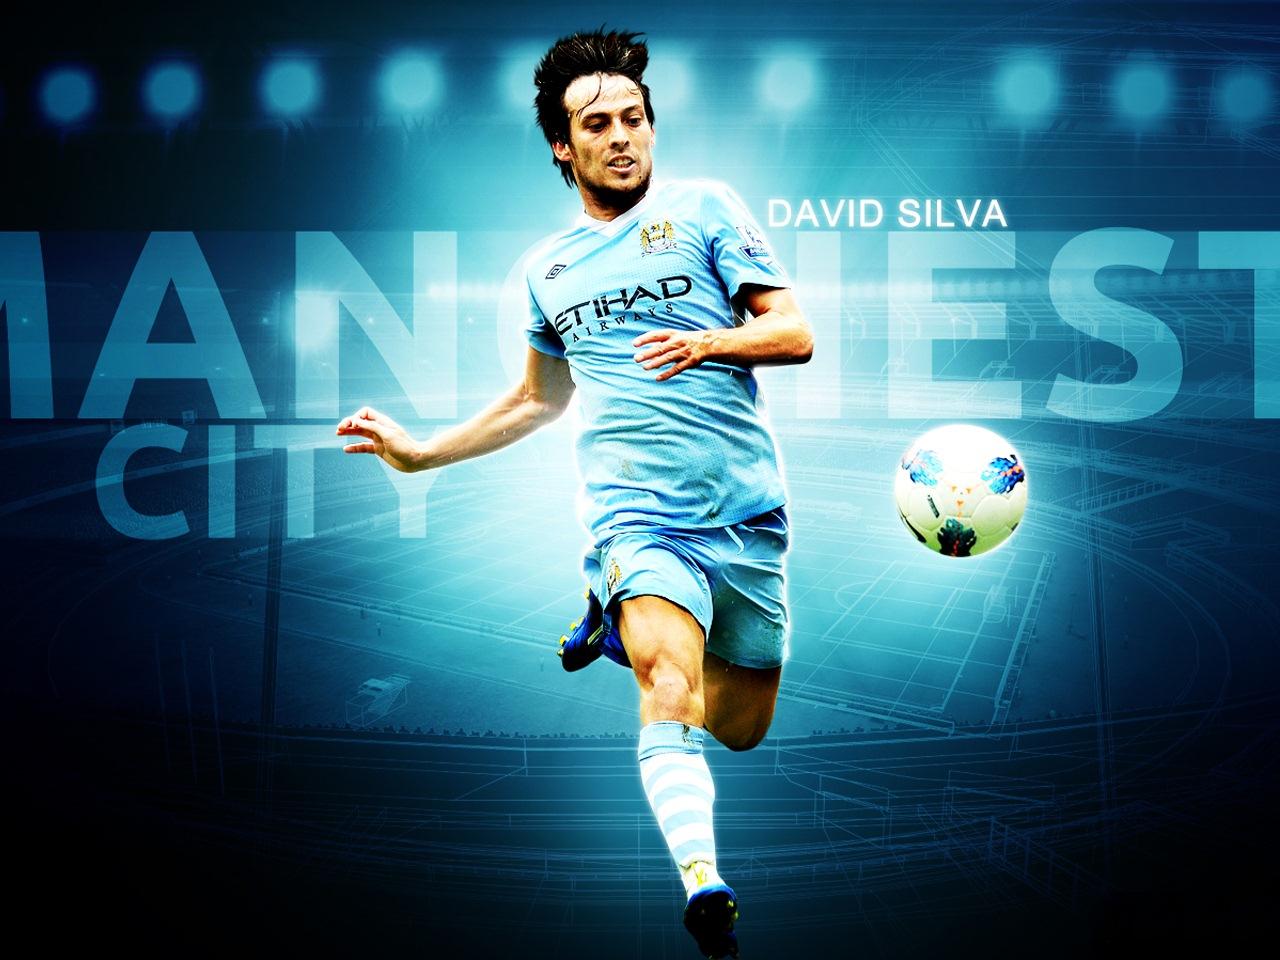 http://2.bp.blogspot.com/-8nyCgc-8yEk/UEYkPuBThxI/AAAAAAAACqI/ZZrUDnk2Lnk/s1600/David+Silva+new+HD+Wallpaper+2012+02.jpg